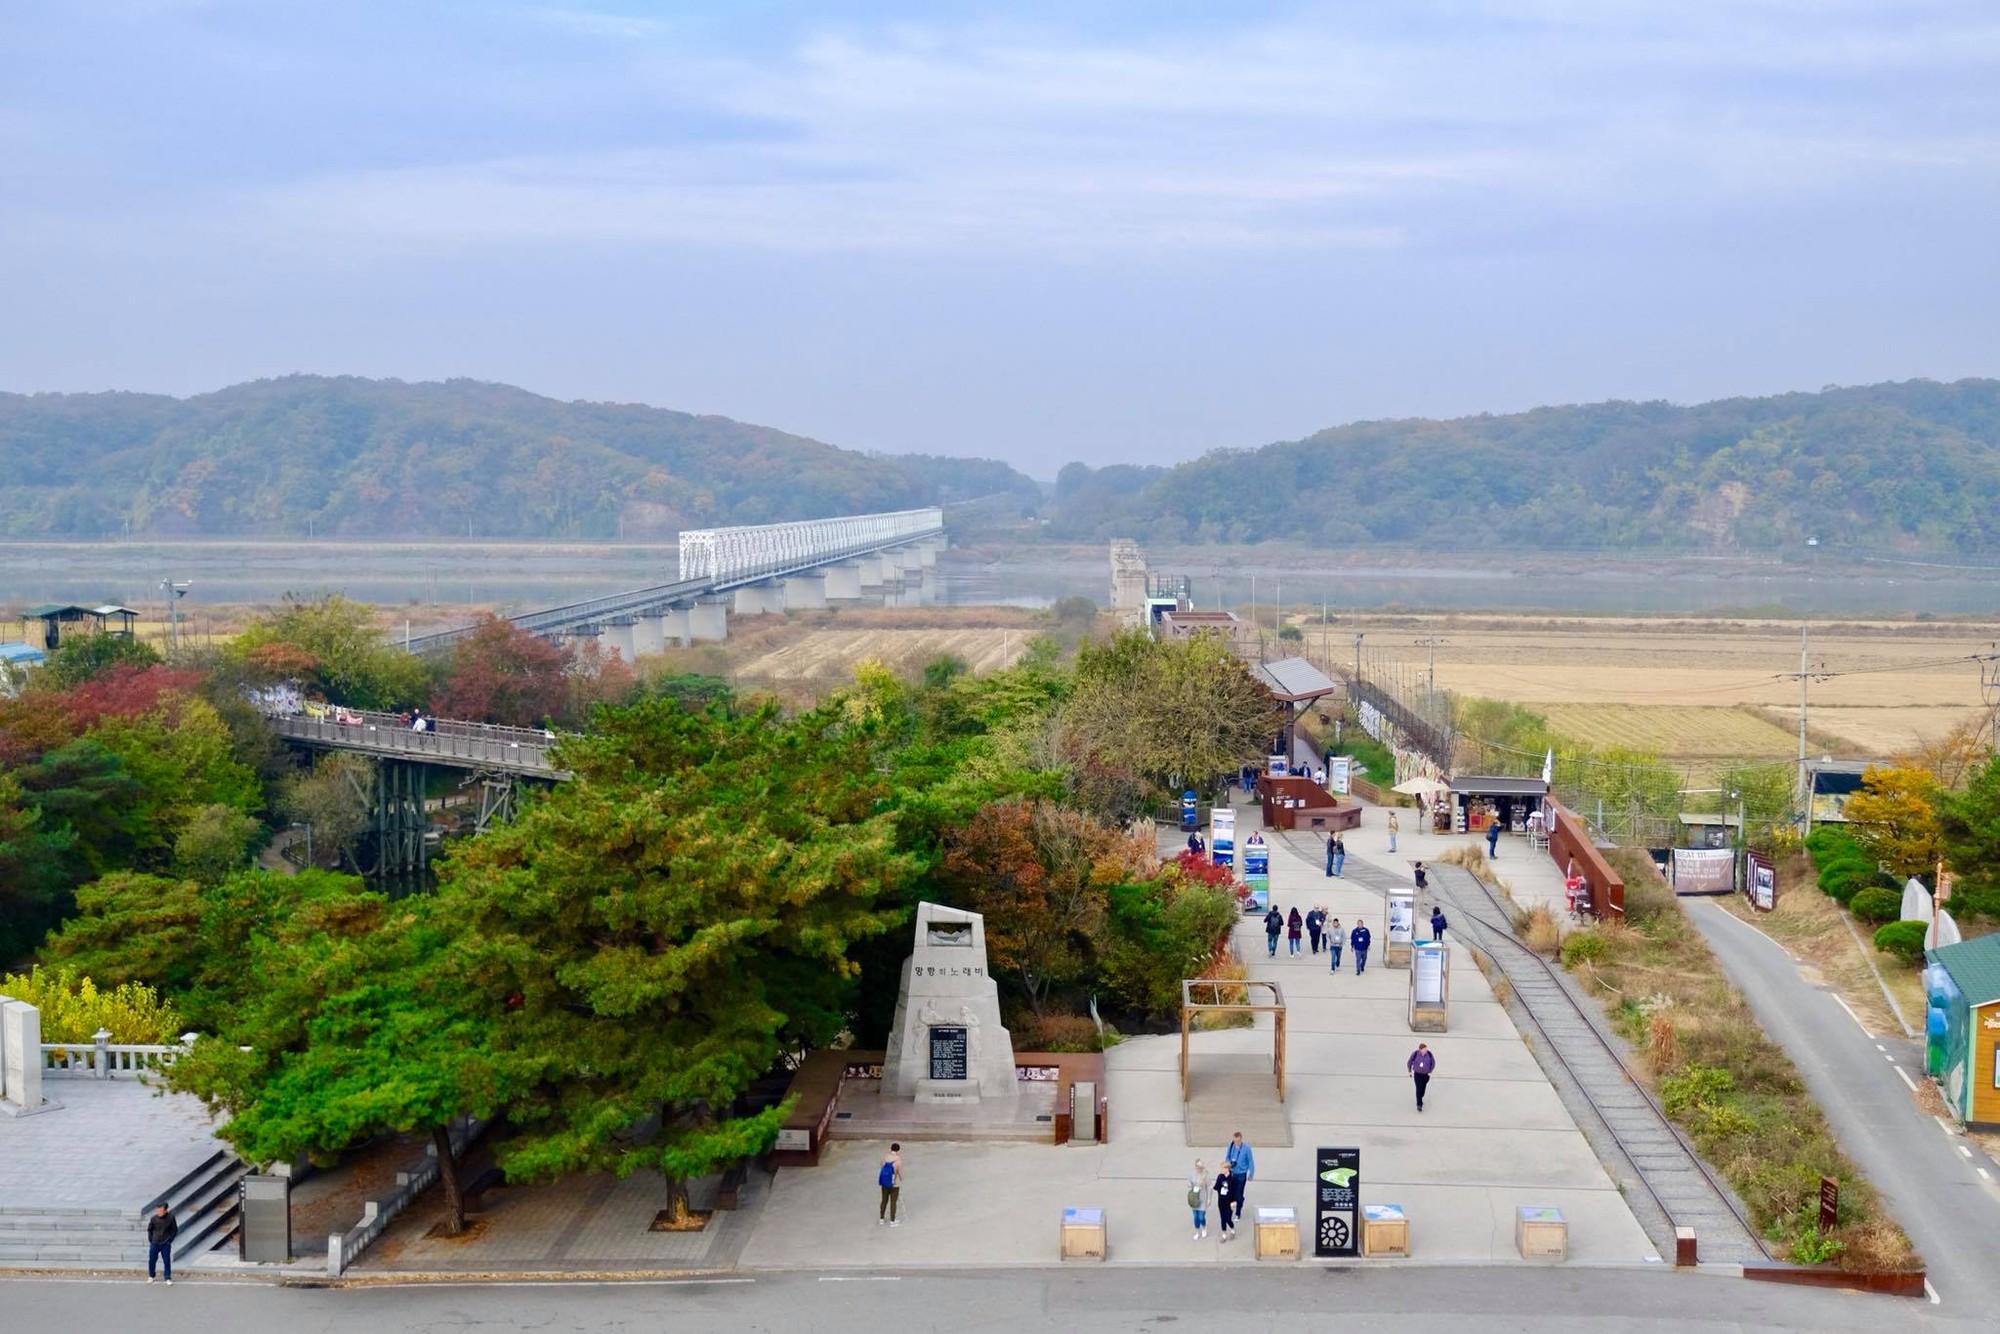 [PHOTO ESSAY] Thù địch và hy vọng ở DMZ liên Triều nhìn từ hai phía qua ống kính người Việt - Ảnh 21.